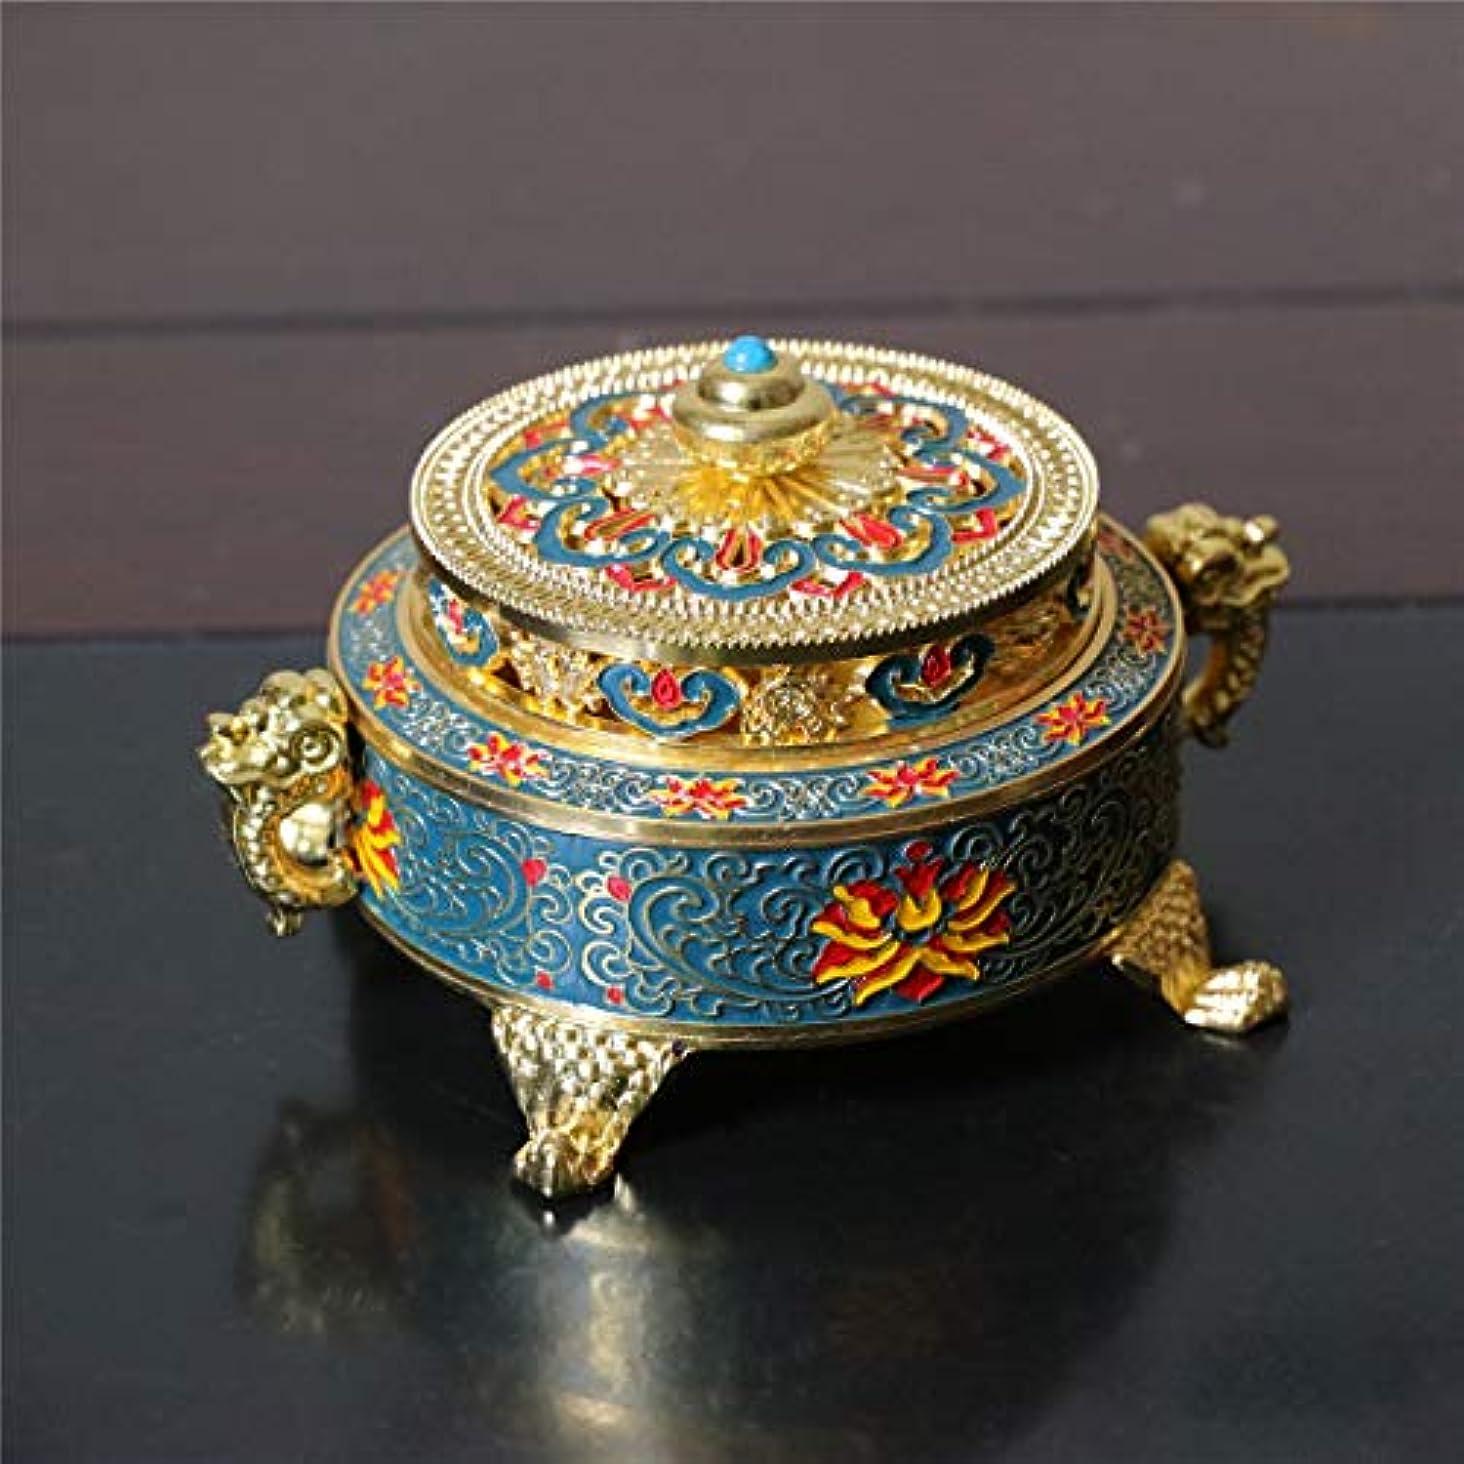 カイウス勤勉来てPHILOGOD 香炉 美しく印刷渦巻き線香 香立て 仏壇用 香皿 (Blue Enamel)